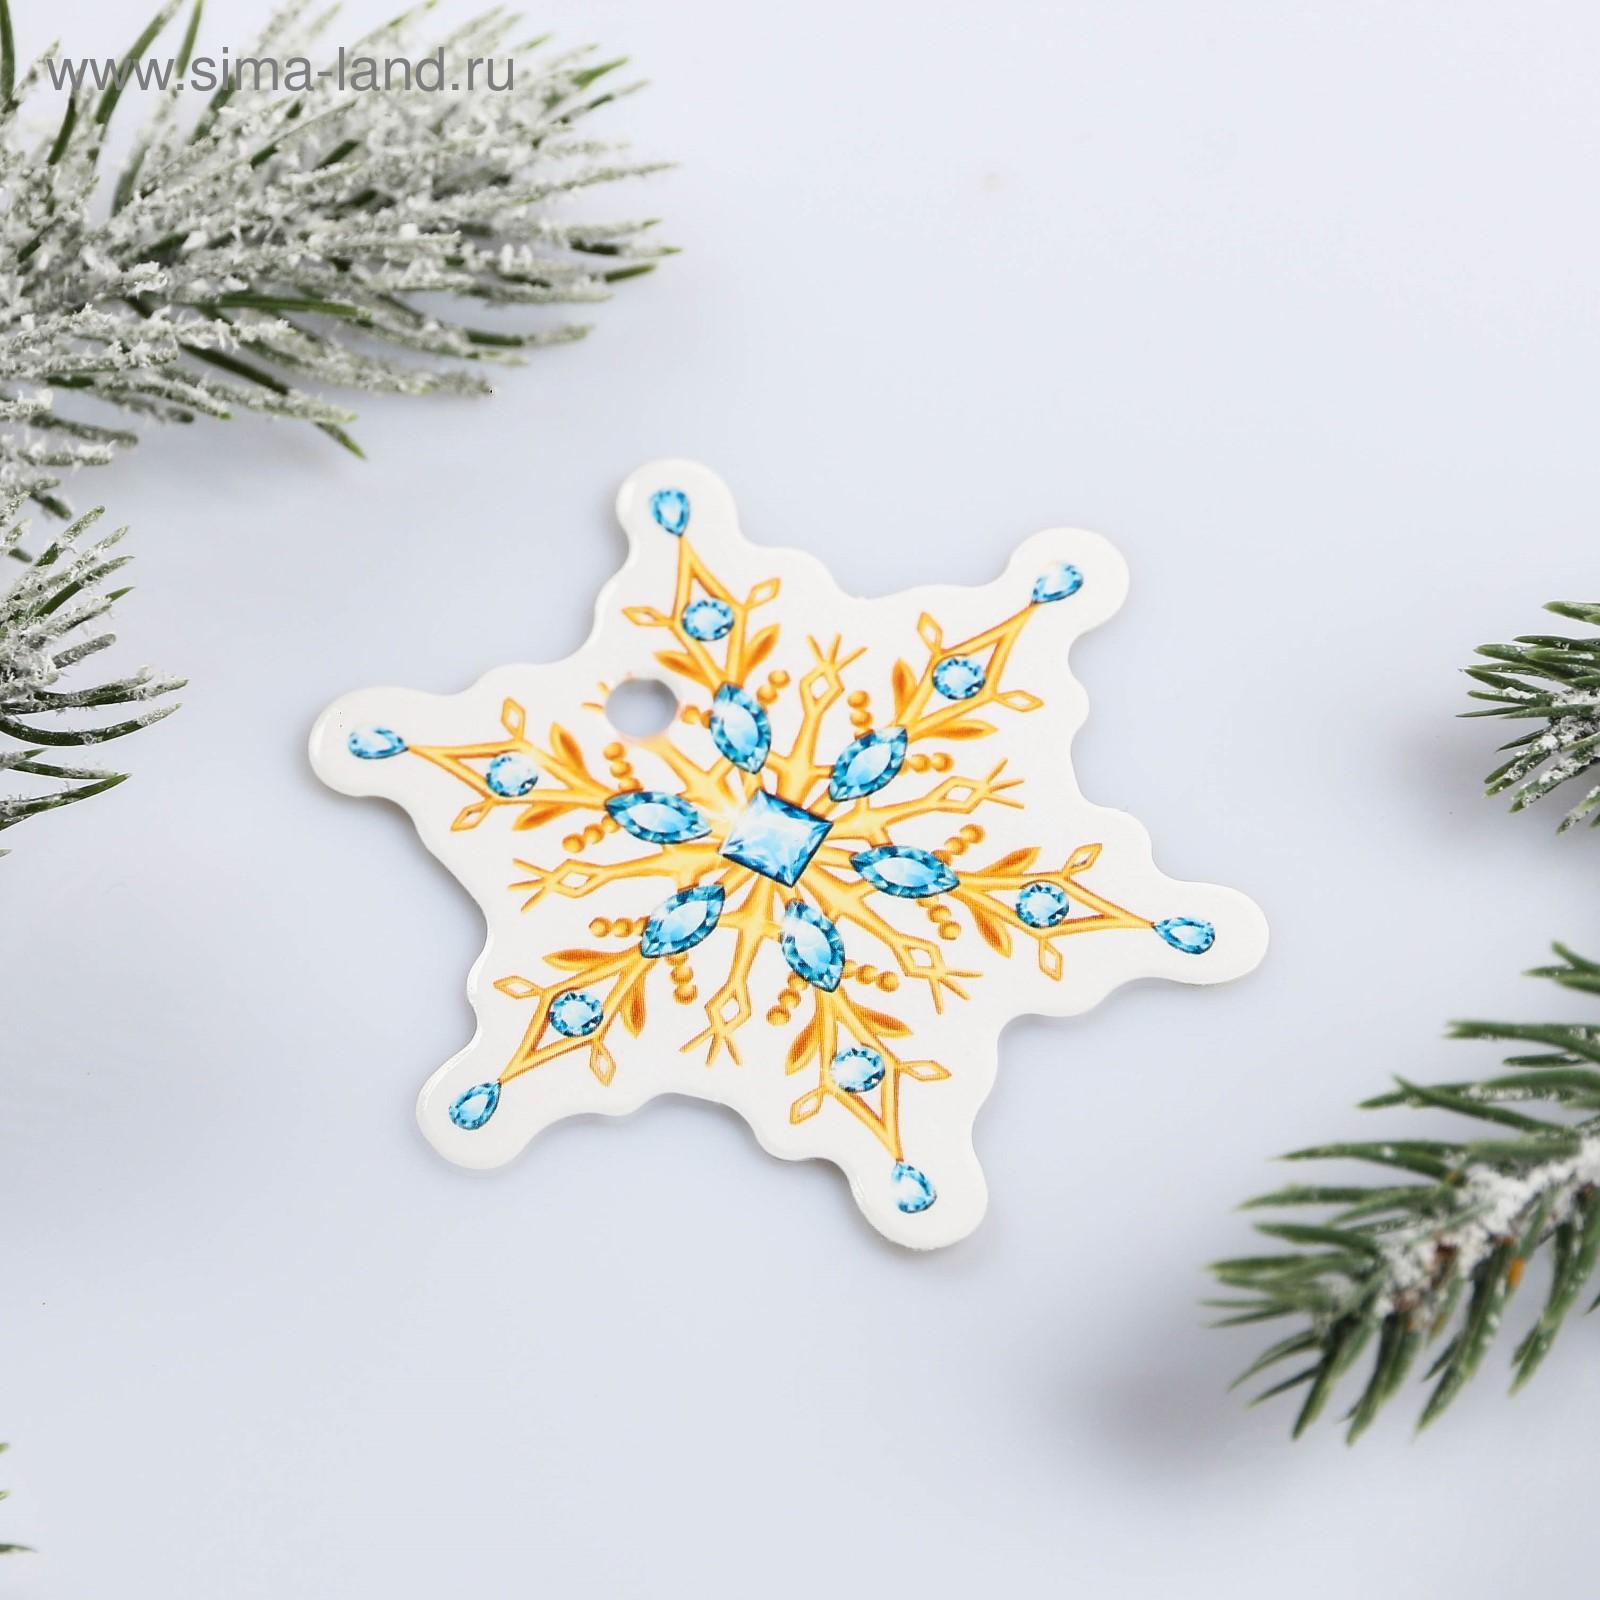 Снежинки из бумаги своими руками:75+(фото) пошаговых инструкций